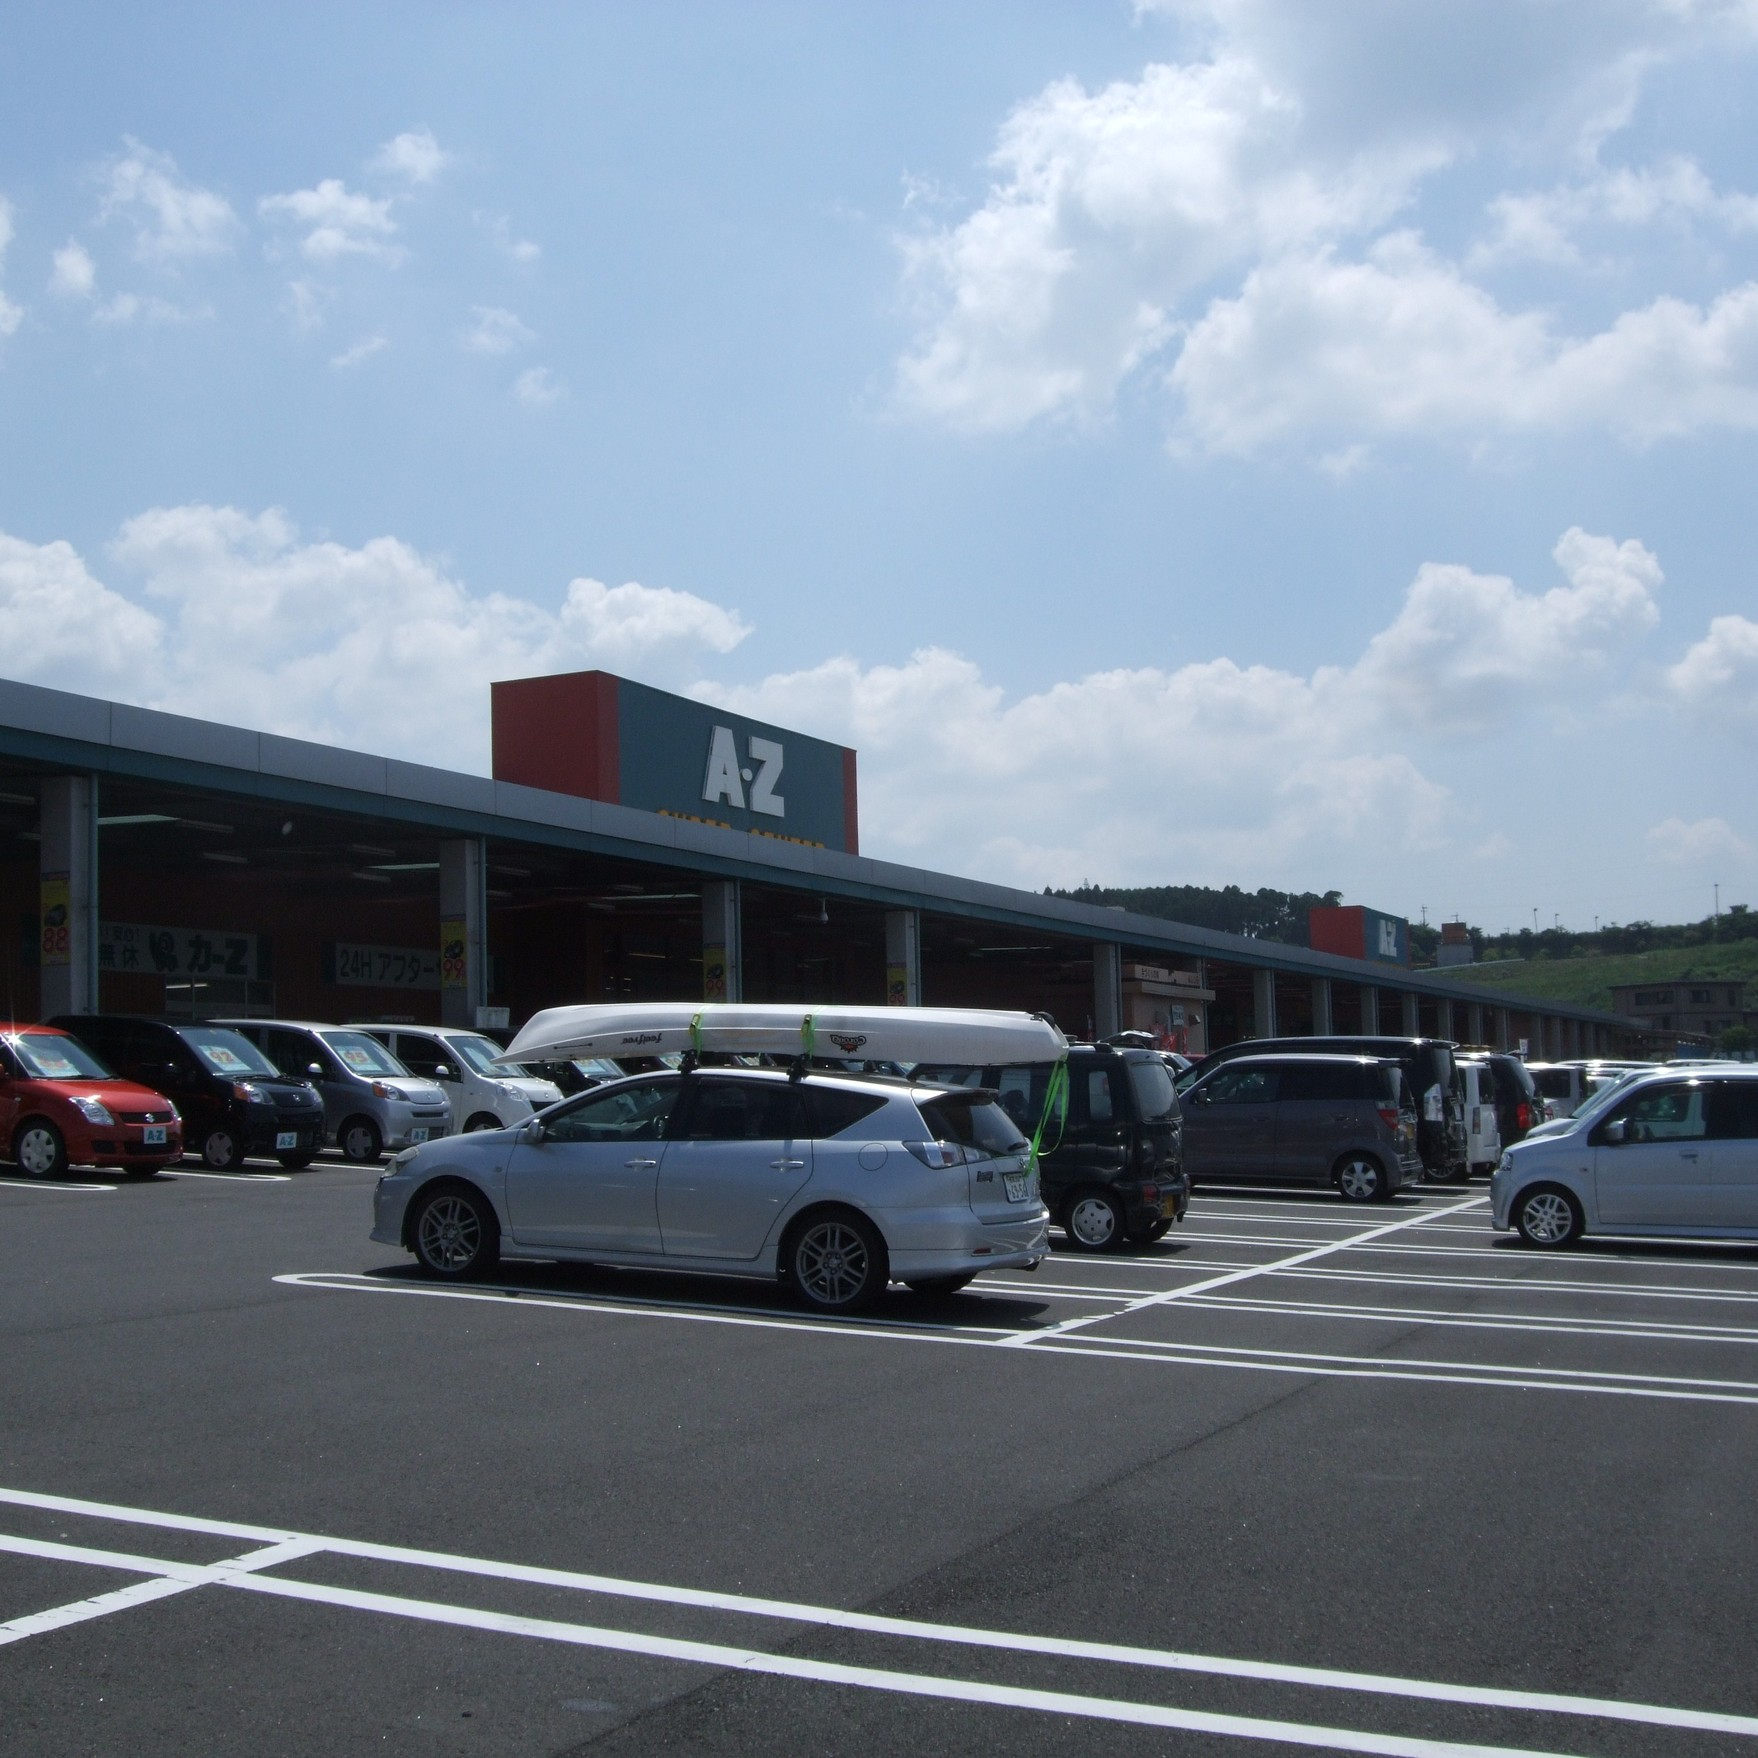 A-Zスーパーセンター フードコート・レストラン 川辺店